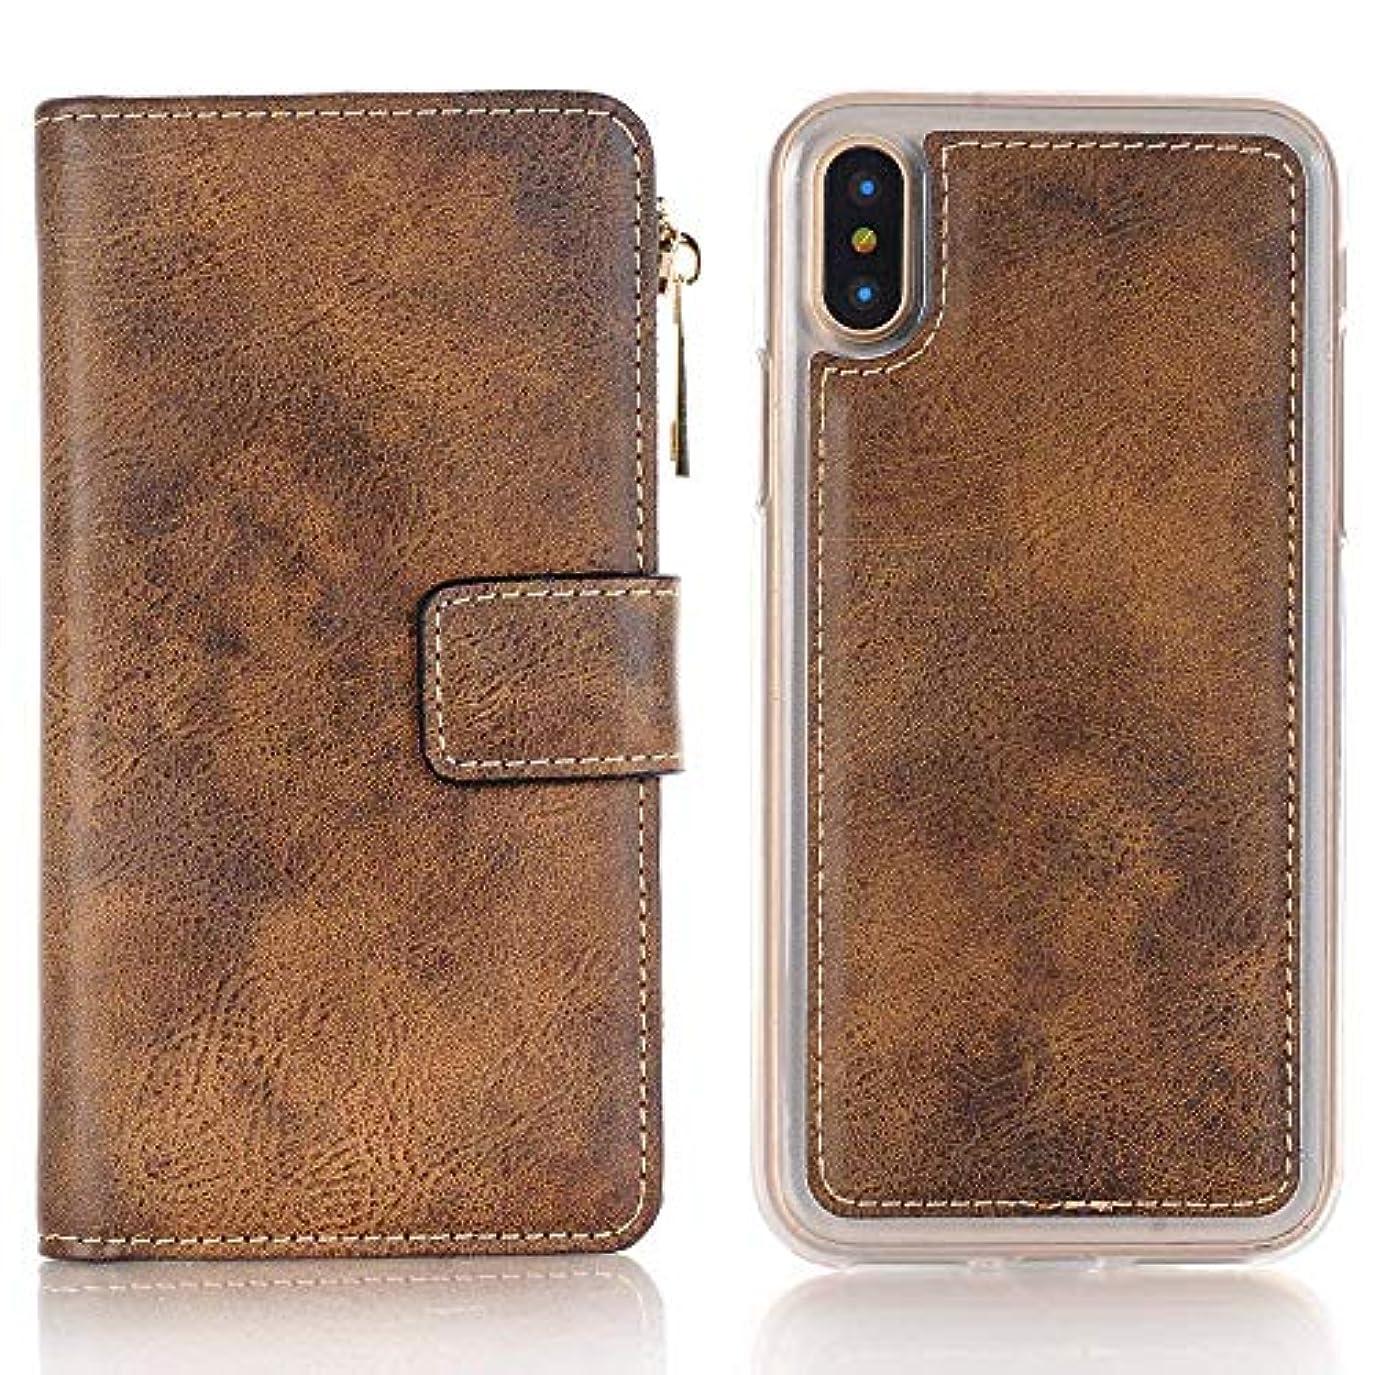 レイ罪奨励iPhone ケース 手帳型 INorton 全面保護カバー 耐衝撃 レンズ保護 カード収納 分離式 高品質レザー シリコン 軽量 マグネット式